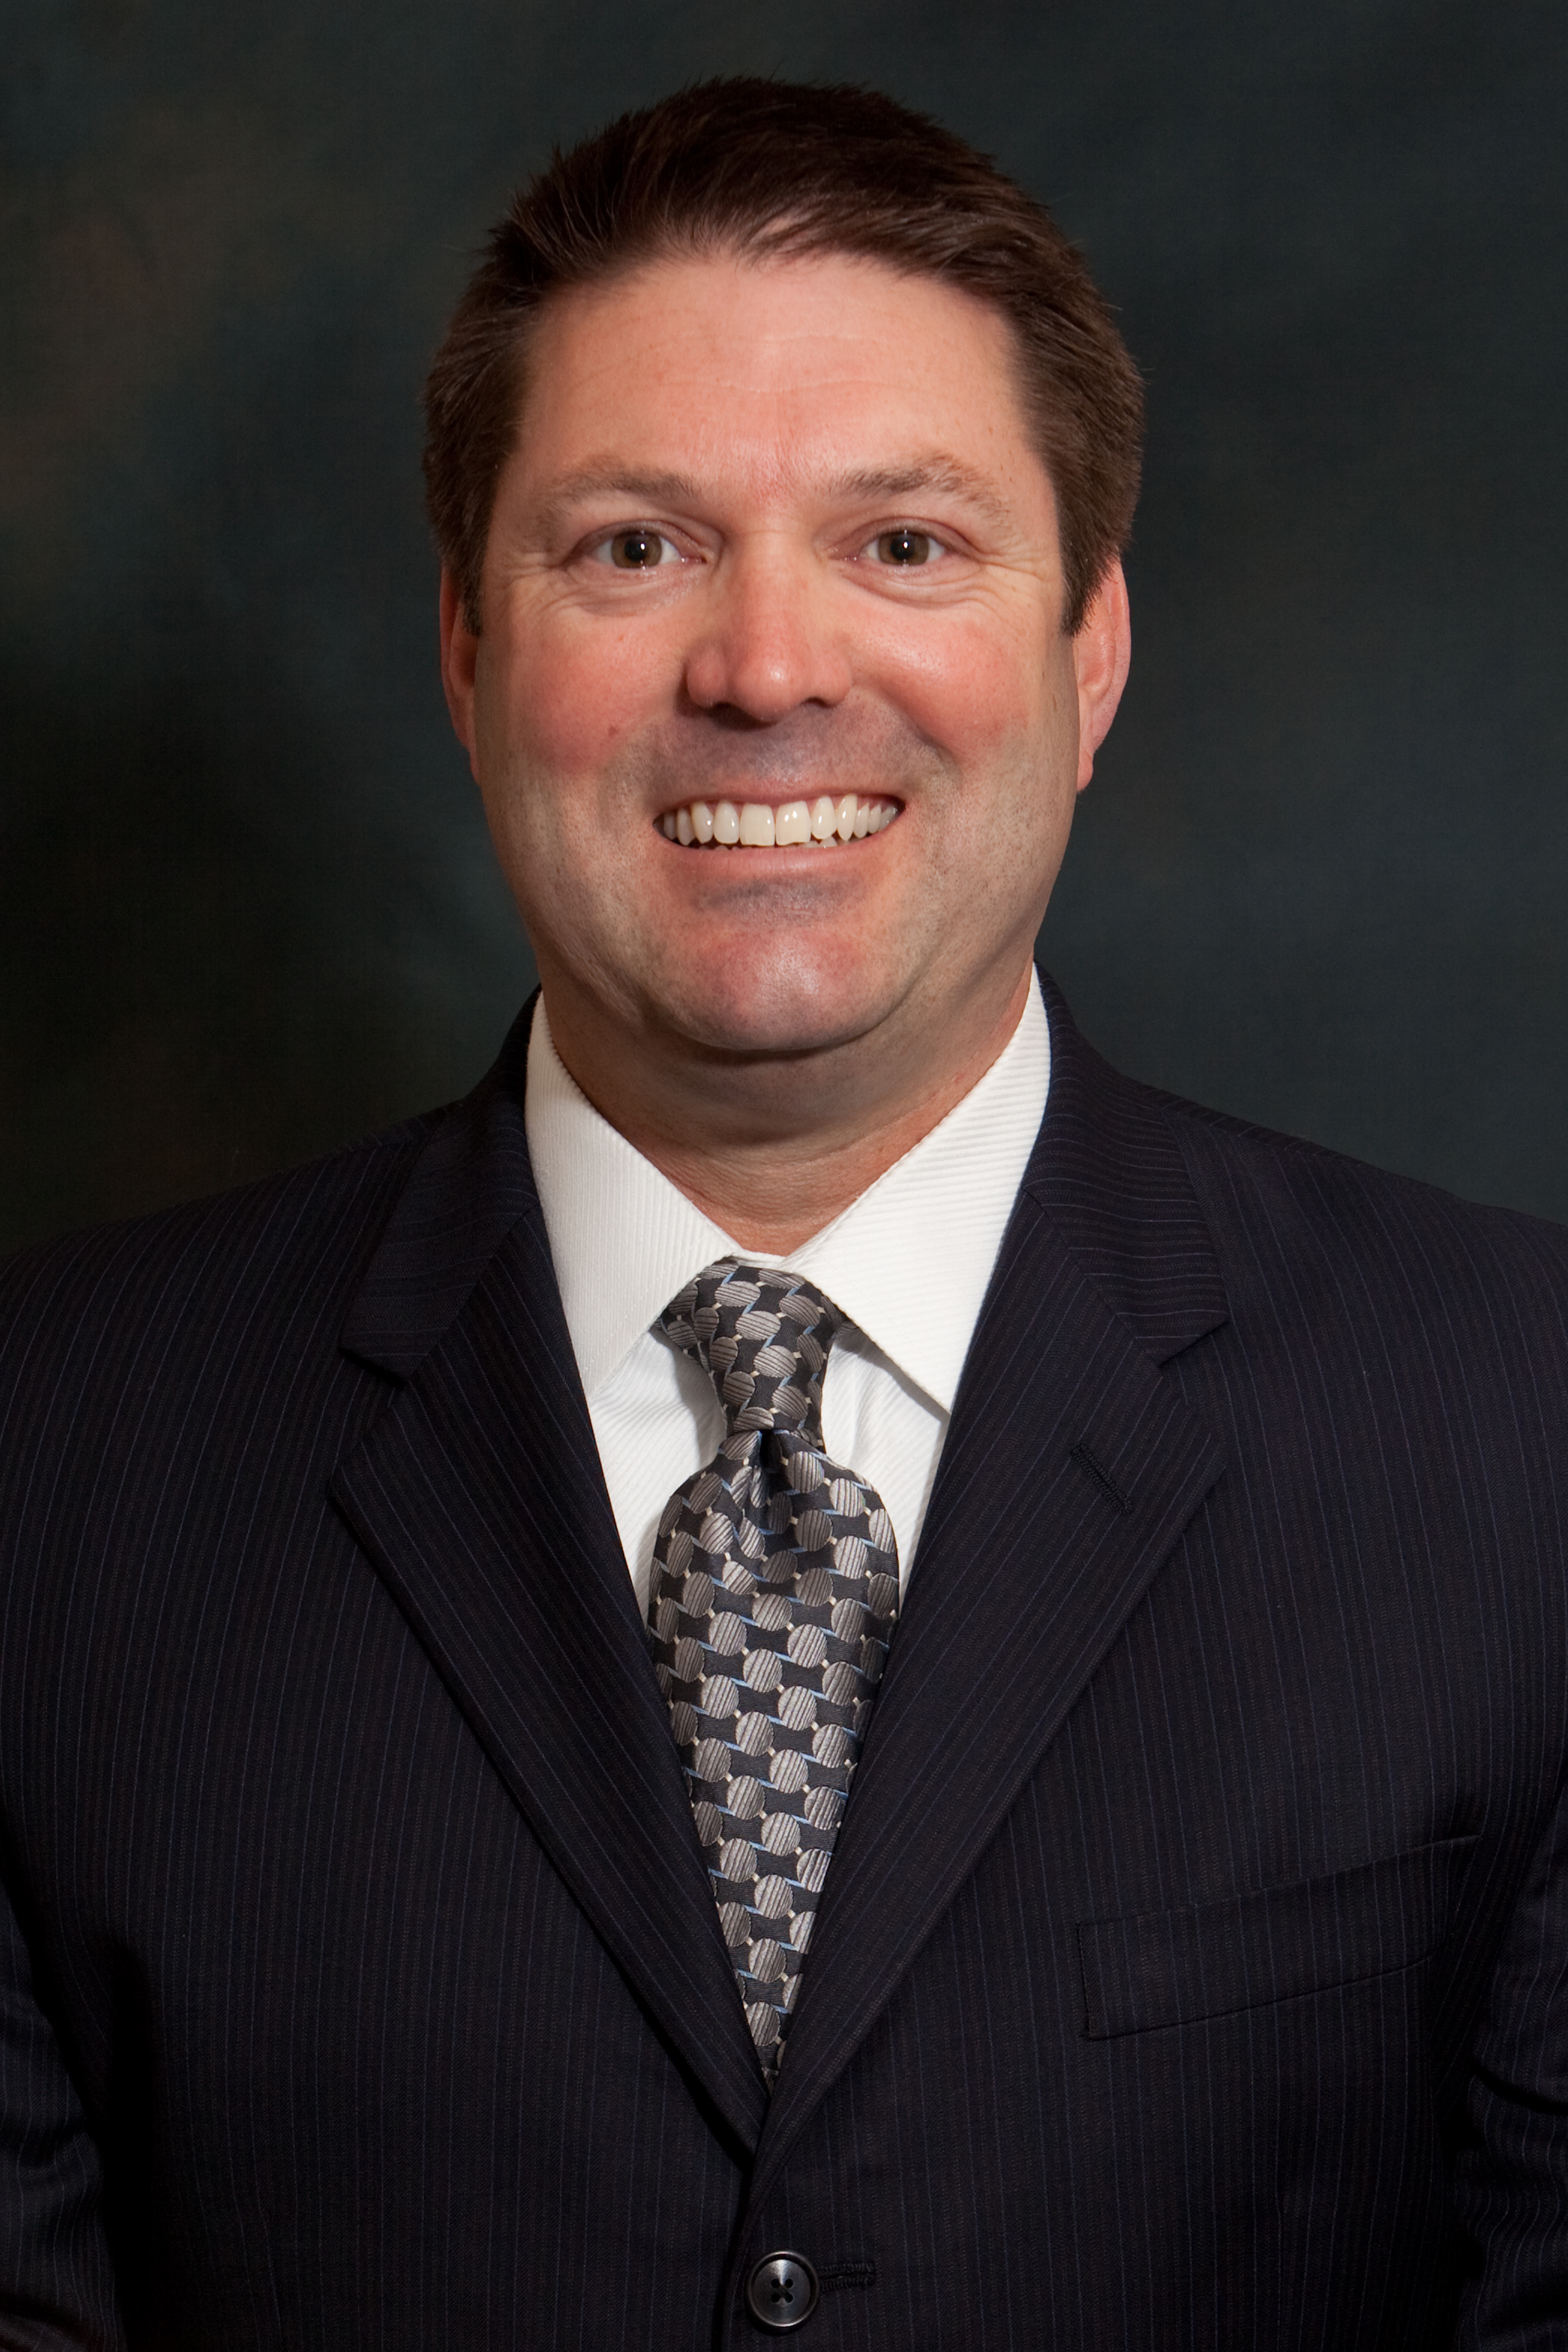 David Normandin  President & CEO, Wintrust Specialty Finance